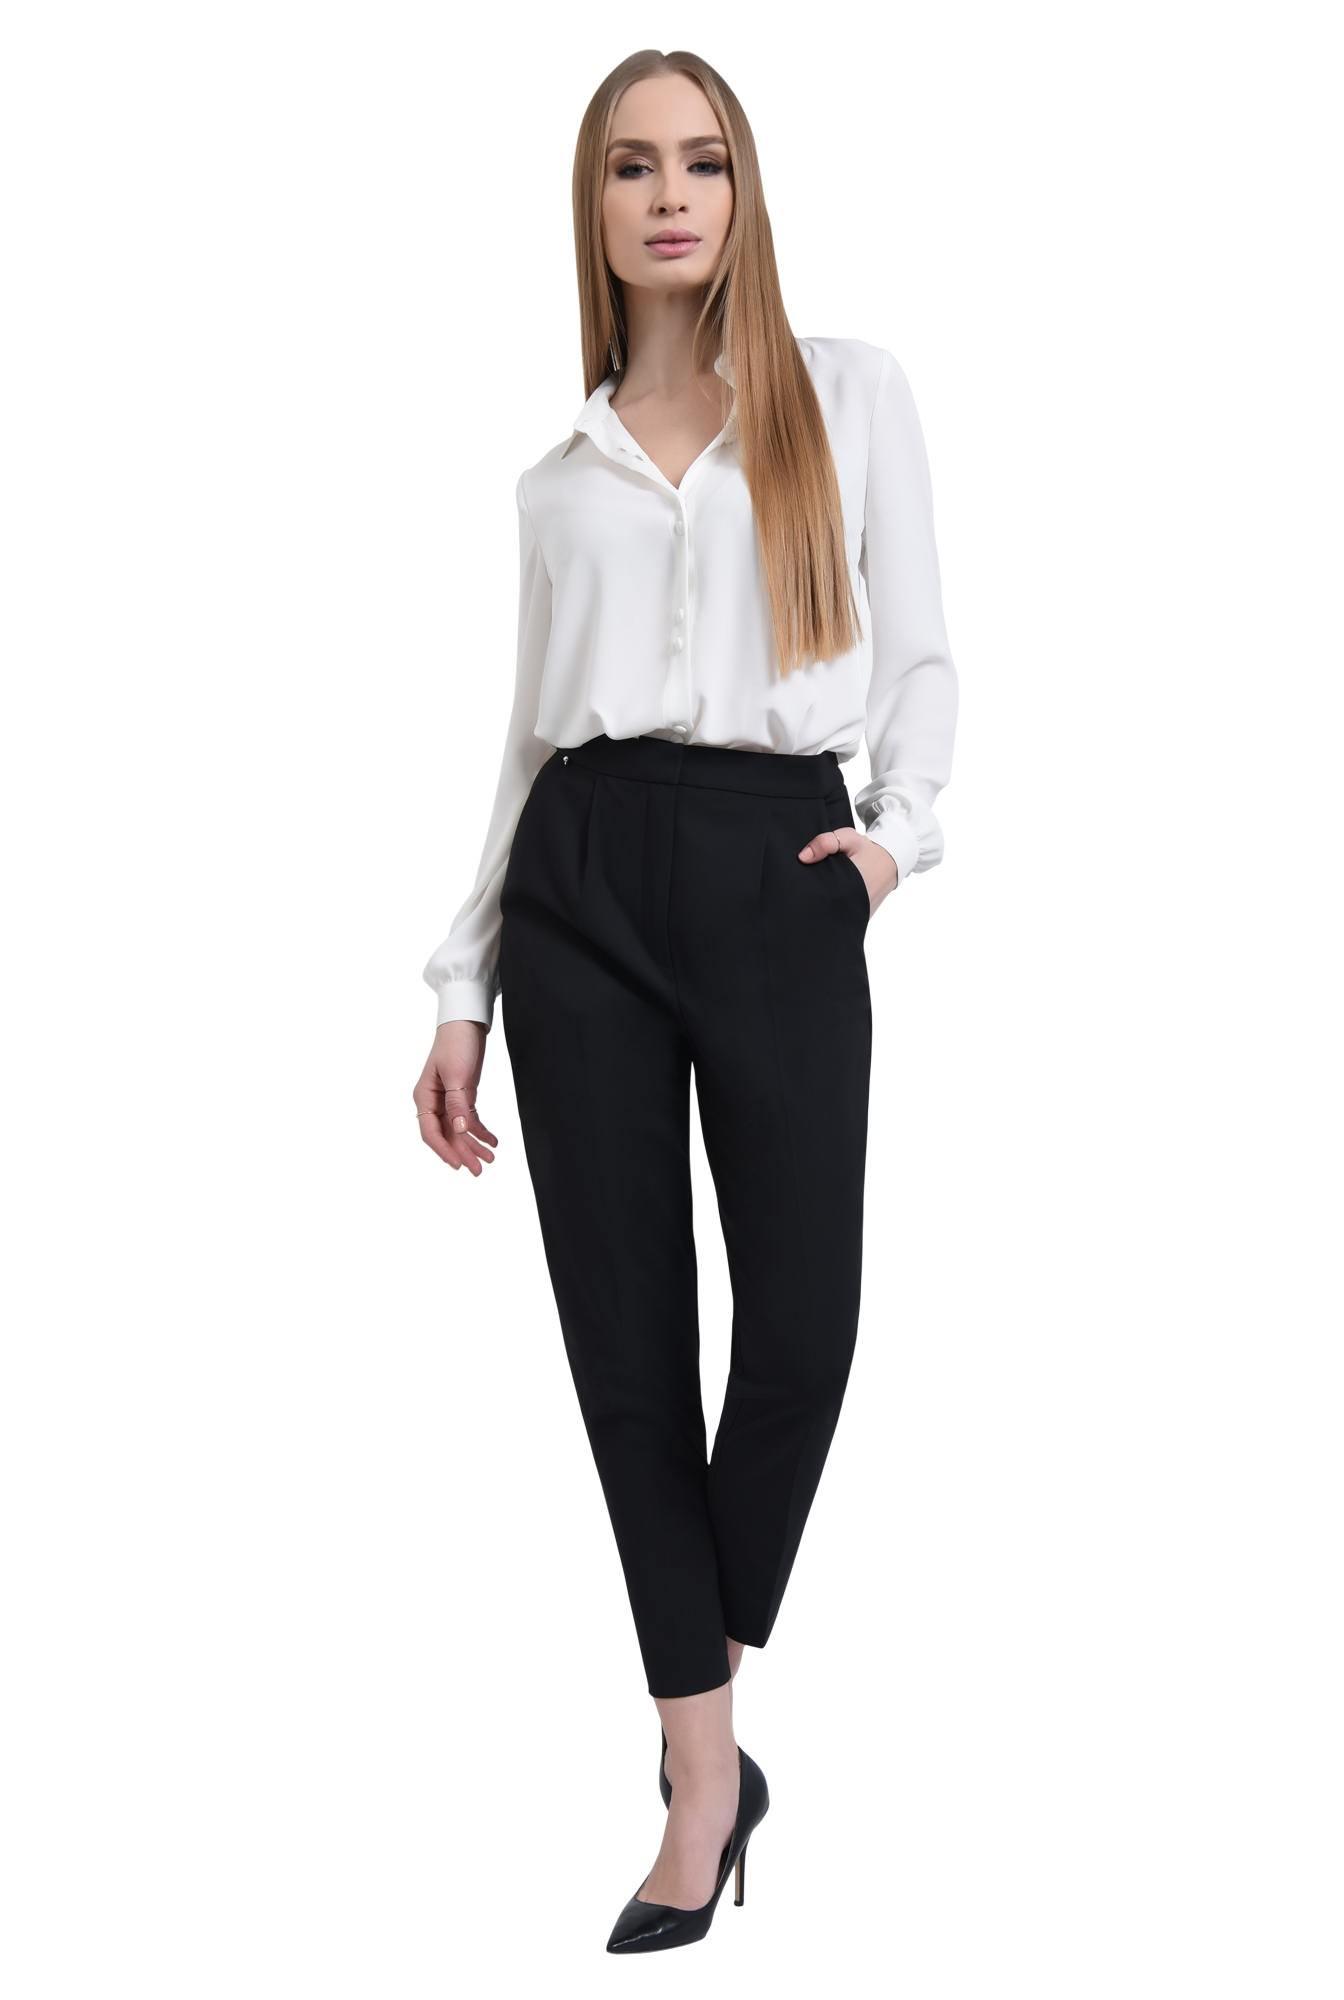 0 - Pantaloni casual, negru